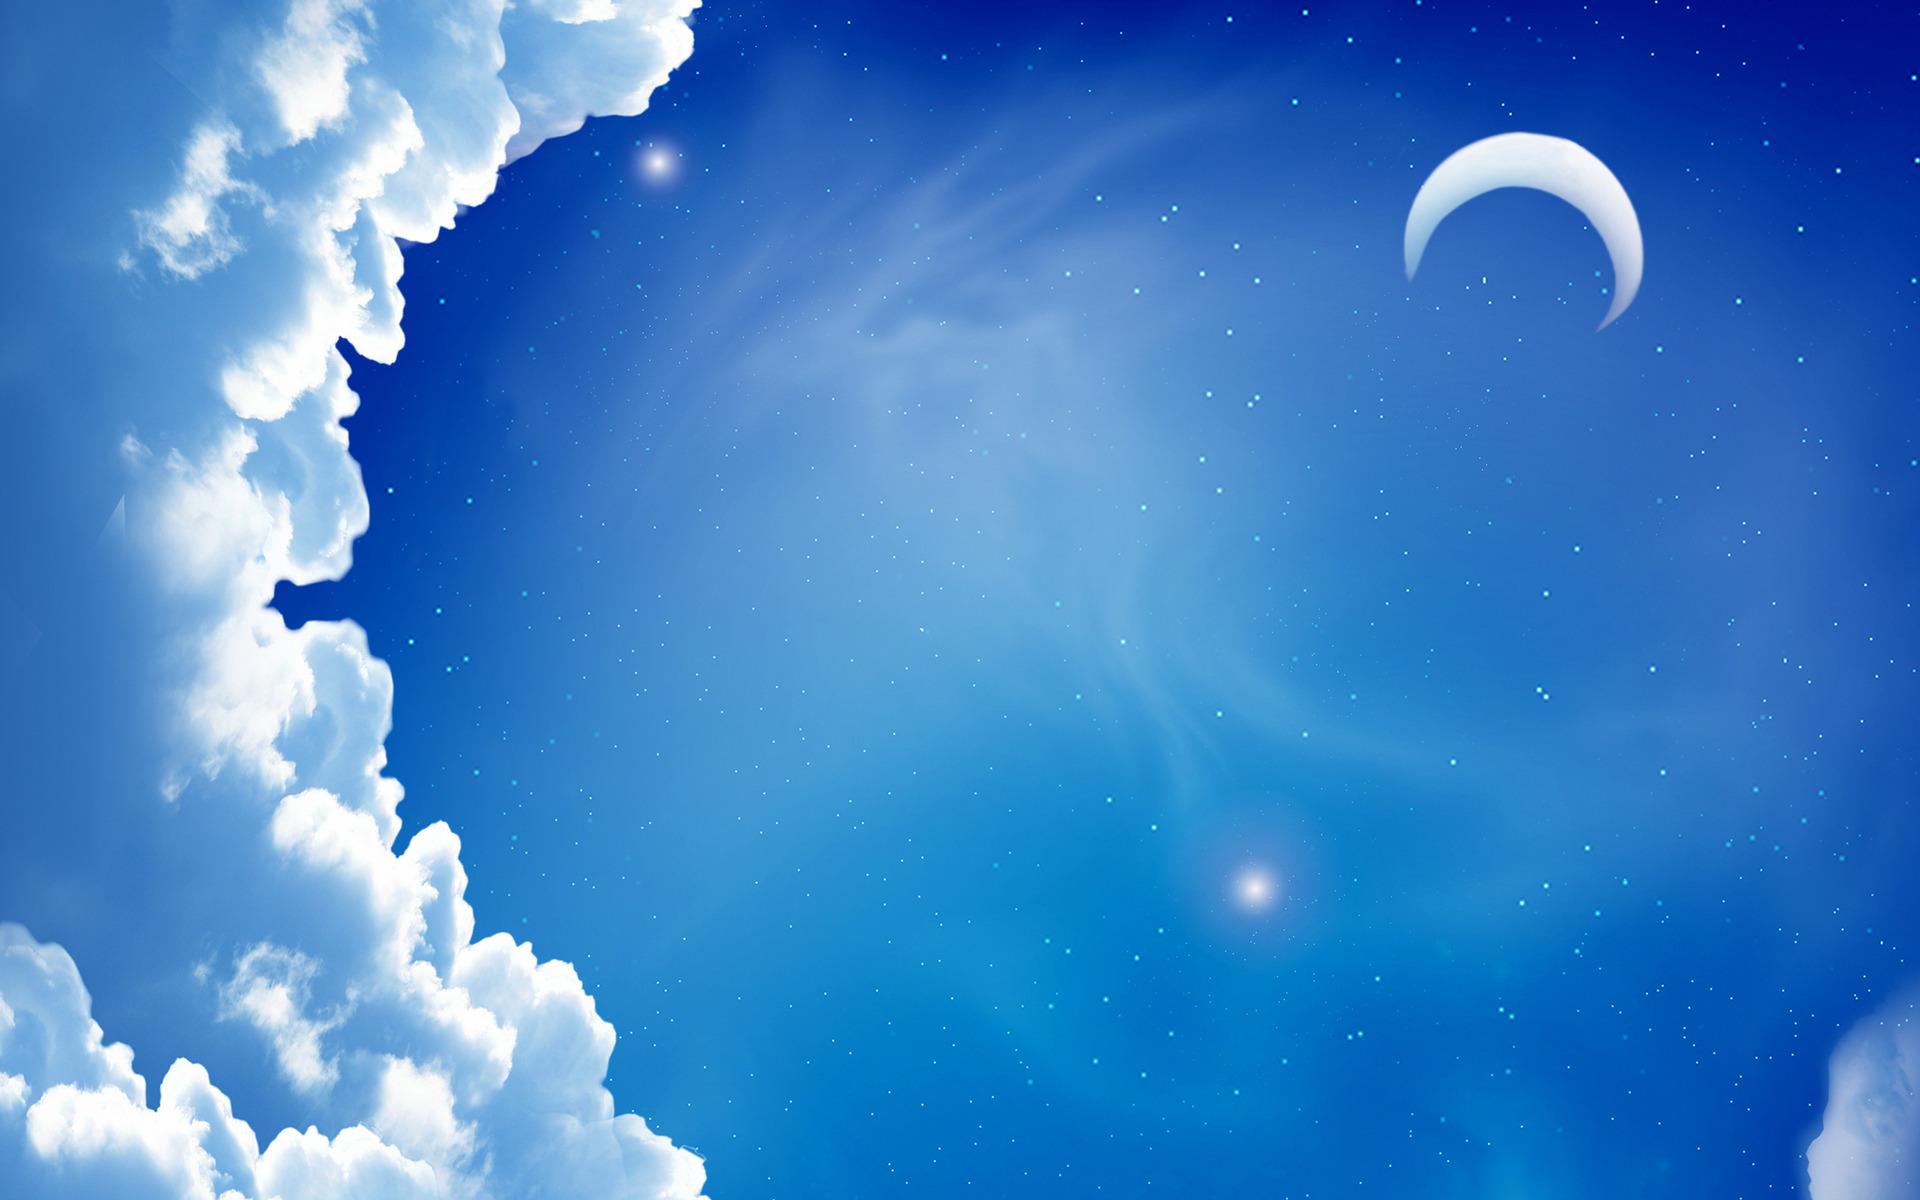 Картинки на тему небо и звезды